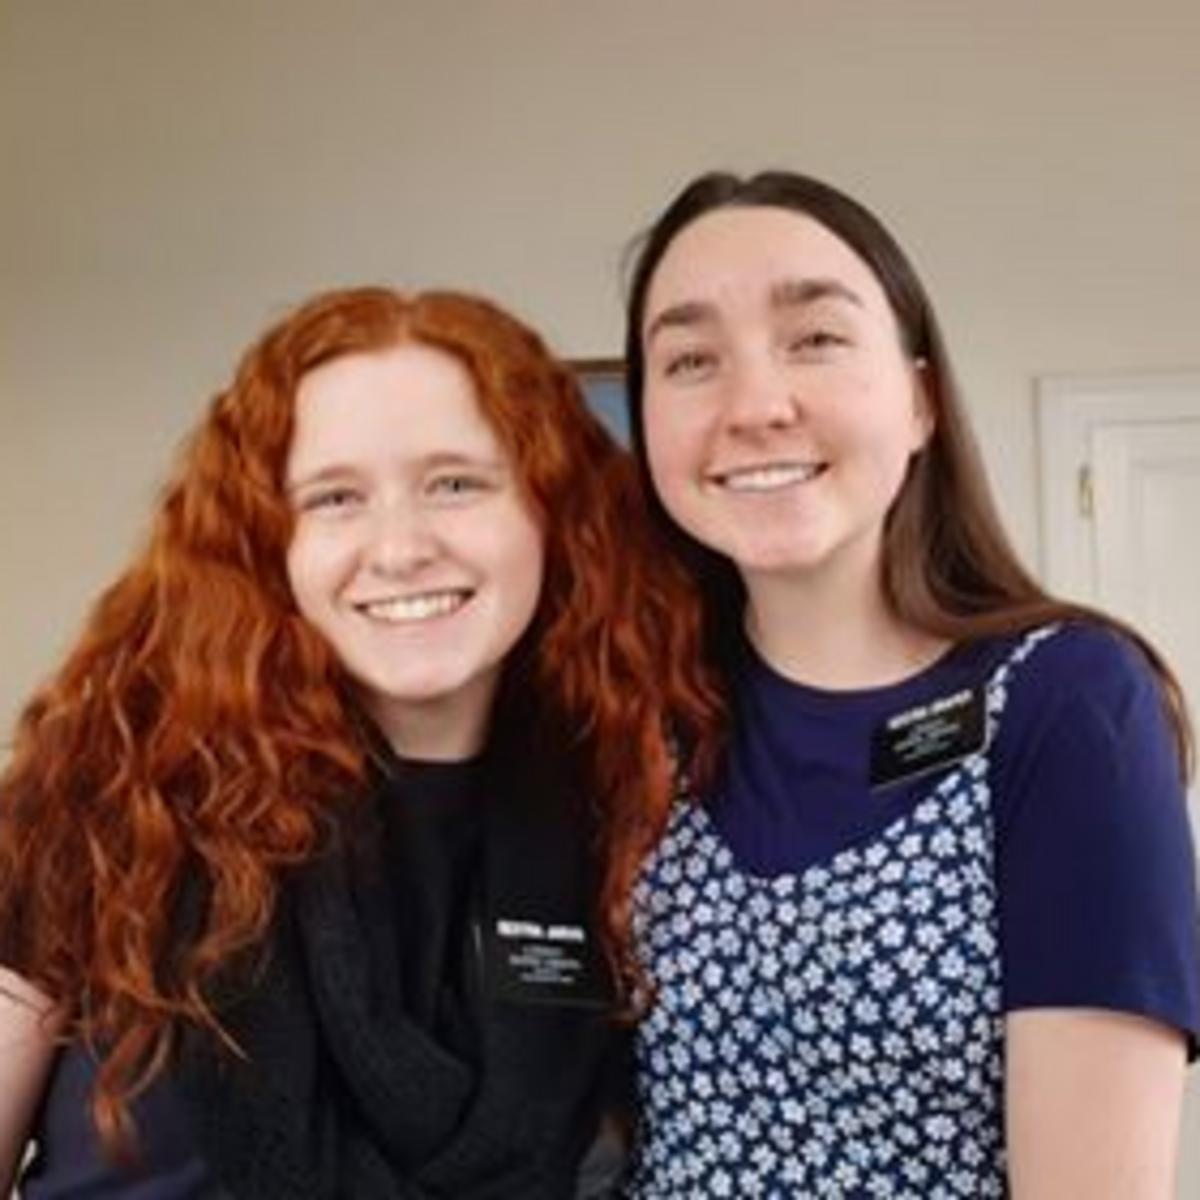 Sister Draper & Sister Jarvis